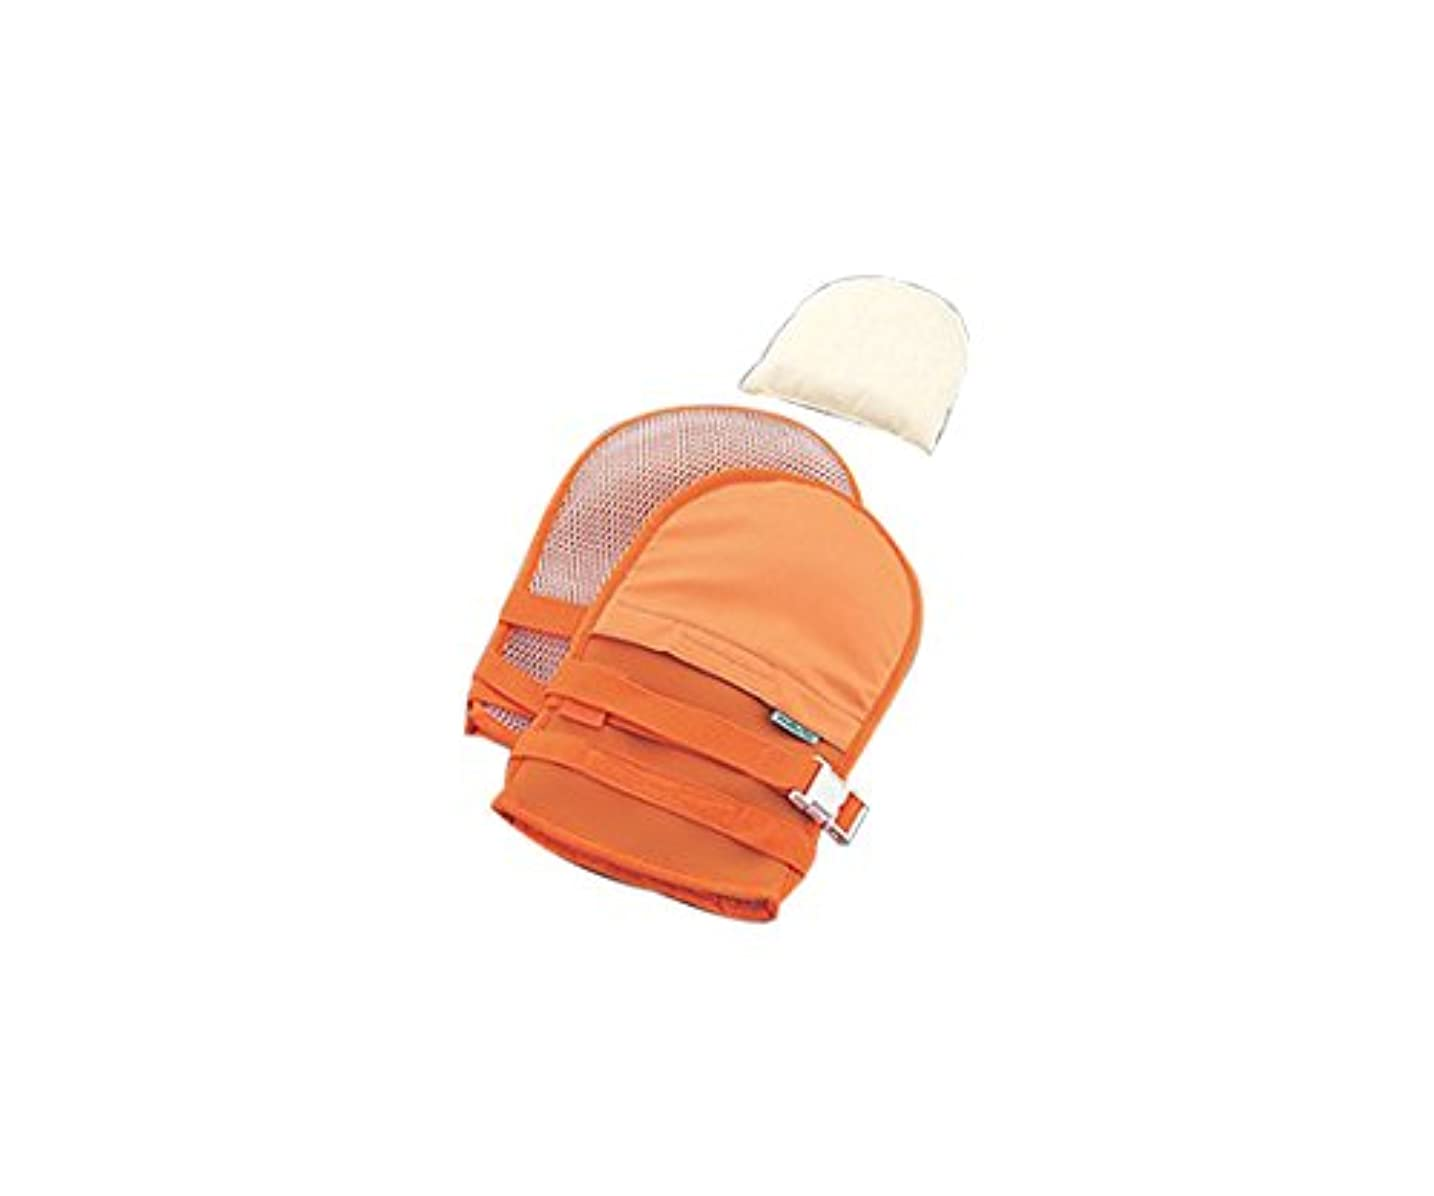 パブ折る意気込みナビス(アズワン)0-1638-43抜管防止手袋小メッシュオレンジ